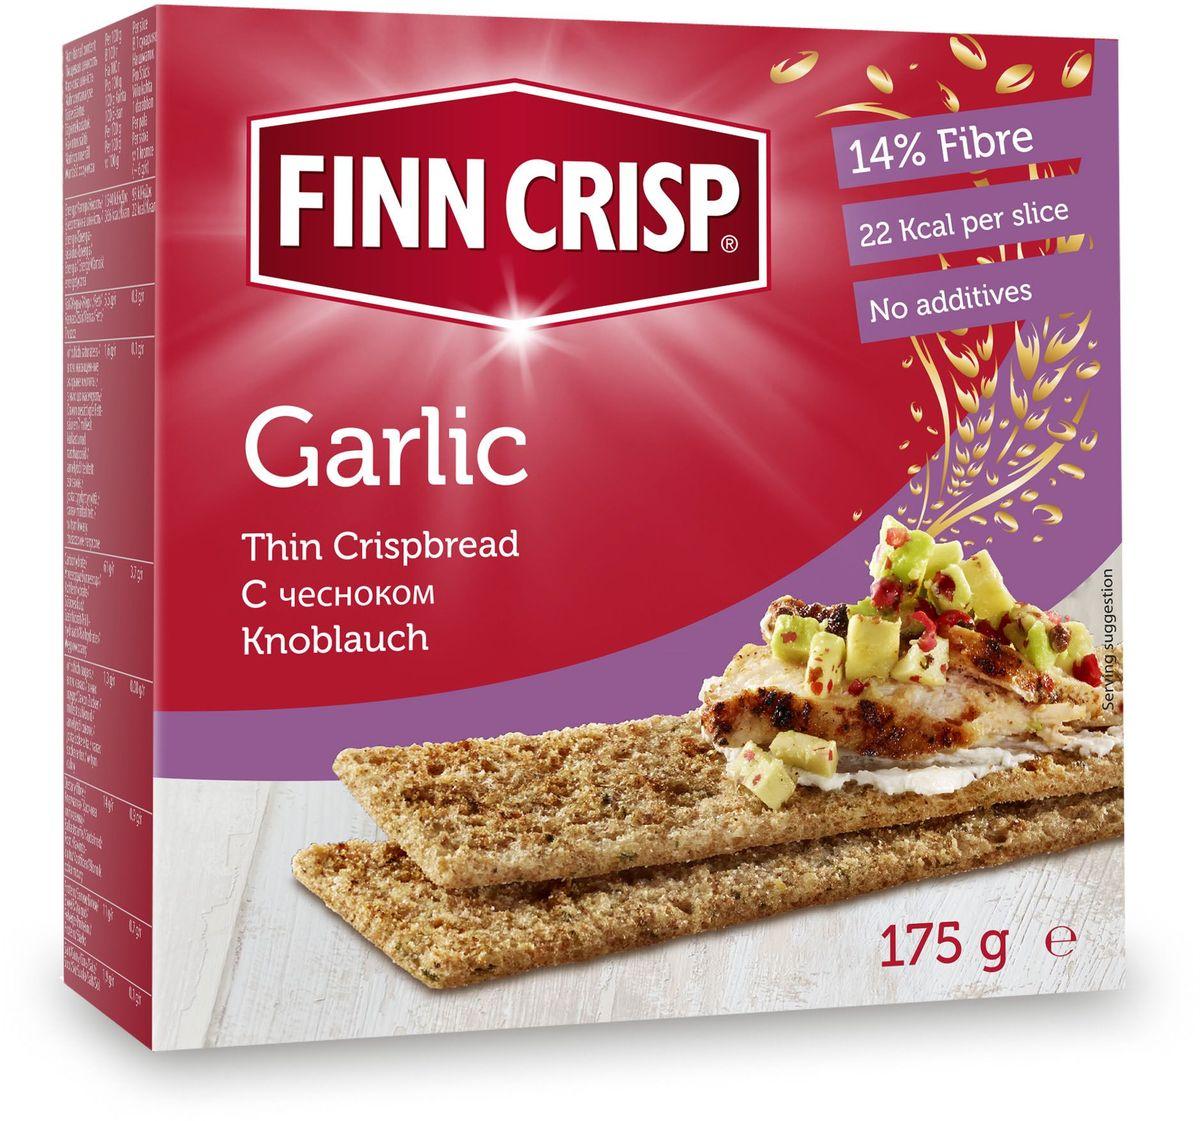 Finn Crisp Garlic хлебцы с чесноком, 175 г20126В 1952 году началось производство сухариков FINN CRISP (ФИНН КРИСП), когда стартовали Олимпийские Игры в Хельсинки (Финляндия). Многие годы натуральные ржаные сухарики FINN CRISP отражают дух Финляндии для миллионов покупателей по всему миру, заботящихся о здоровом питании. Высушивать хлеб - давняя финская традиция и FINN CRISP до сих пор придерживаются этой традиции создавая хлебцы по старому классическому финскому рецепту. Бренд FINN CRISP принадлежит компании VAASAN Group's. VAASAN - это крупнейшая хлебопекарная компания в Балтийском регионе со столетней историей, занимающаяся производством продукции для правильного и здорового питания. Занимающая второе место по производству сухариков и хлебцев, а её продукция экспортируются в более чем 50 государств!